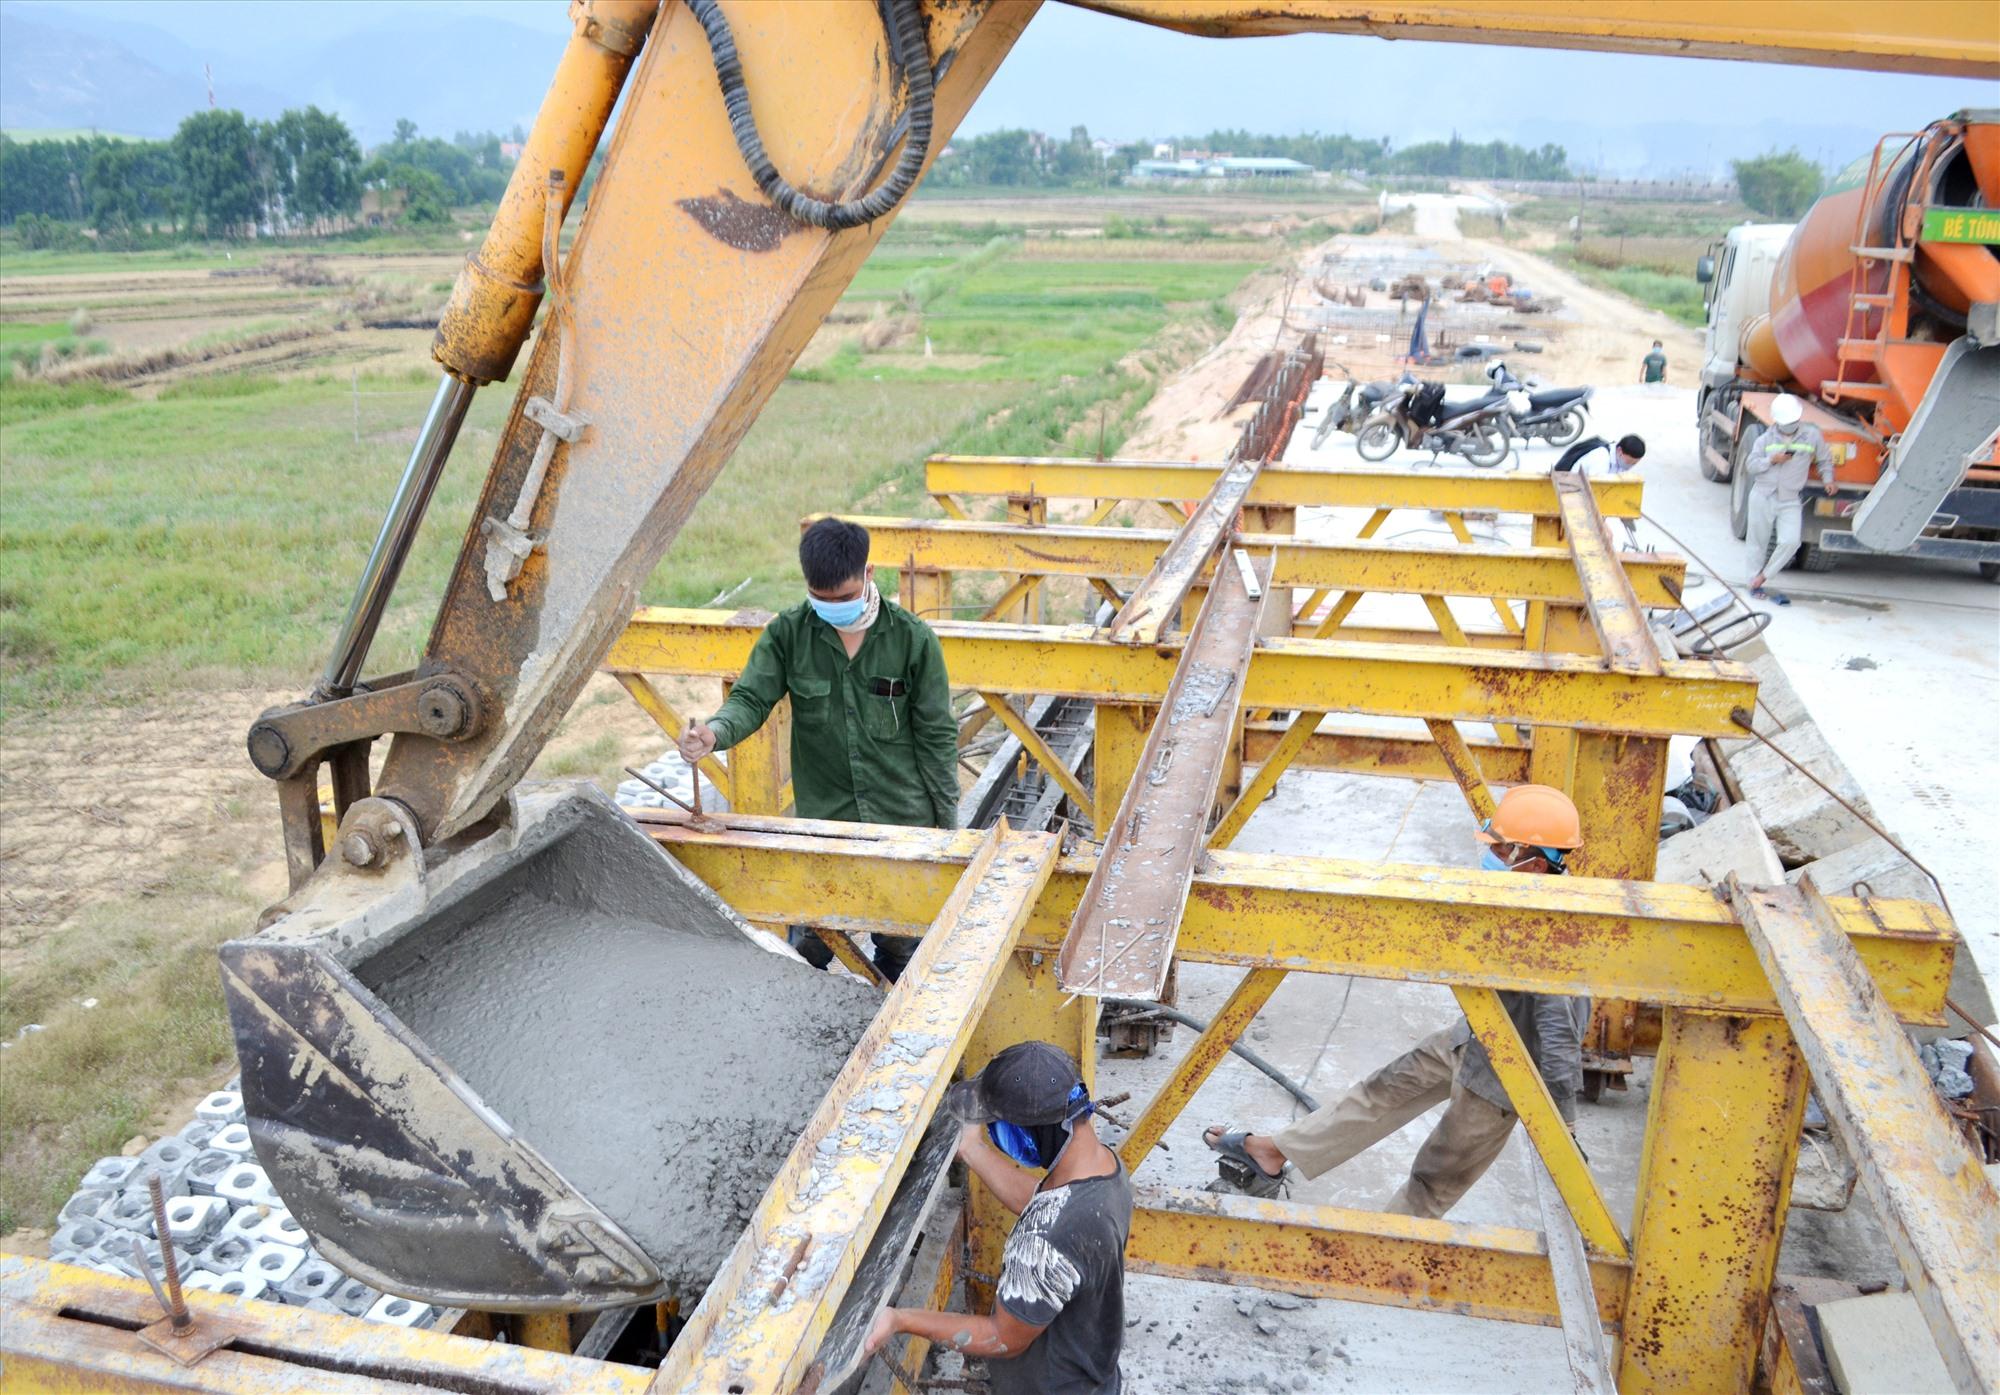 Nhà thầu đang thi công phần còn lại của gờ chắn lan can cầu Tây An 1. Ảnh: C.T